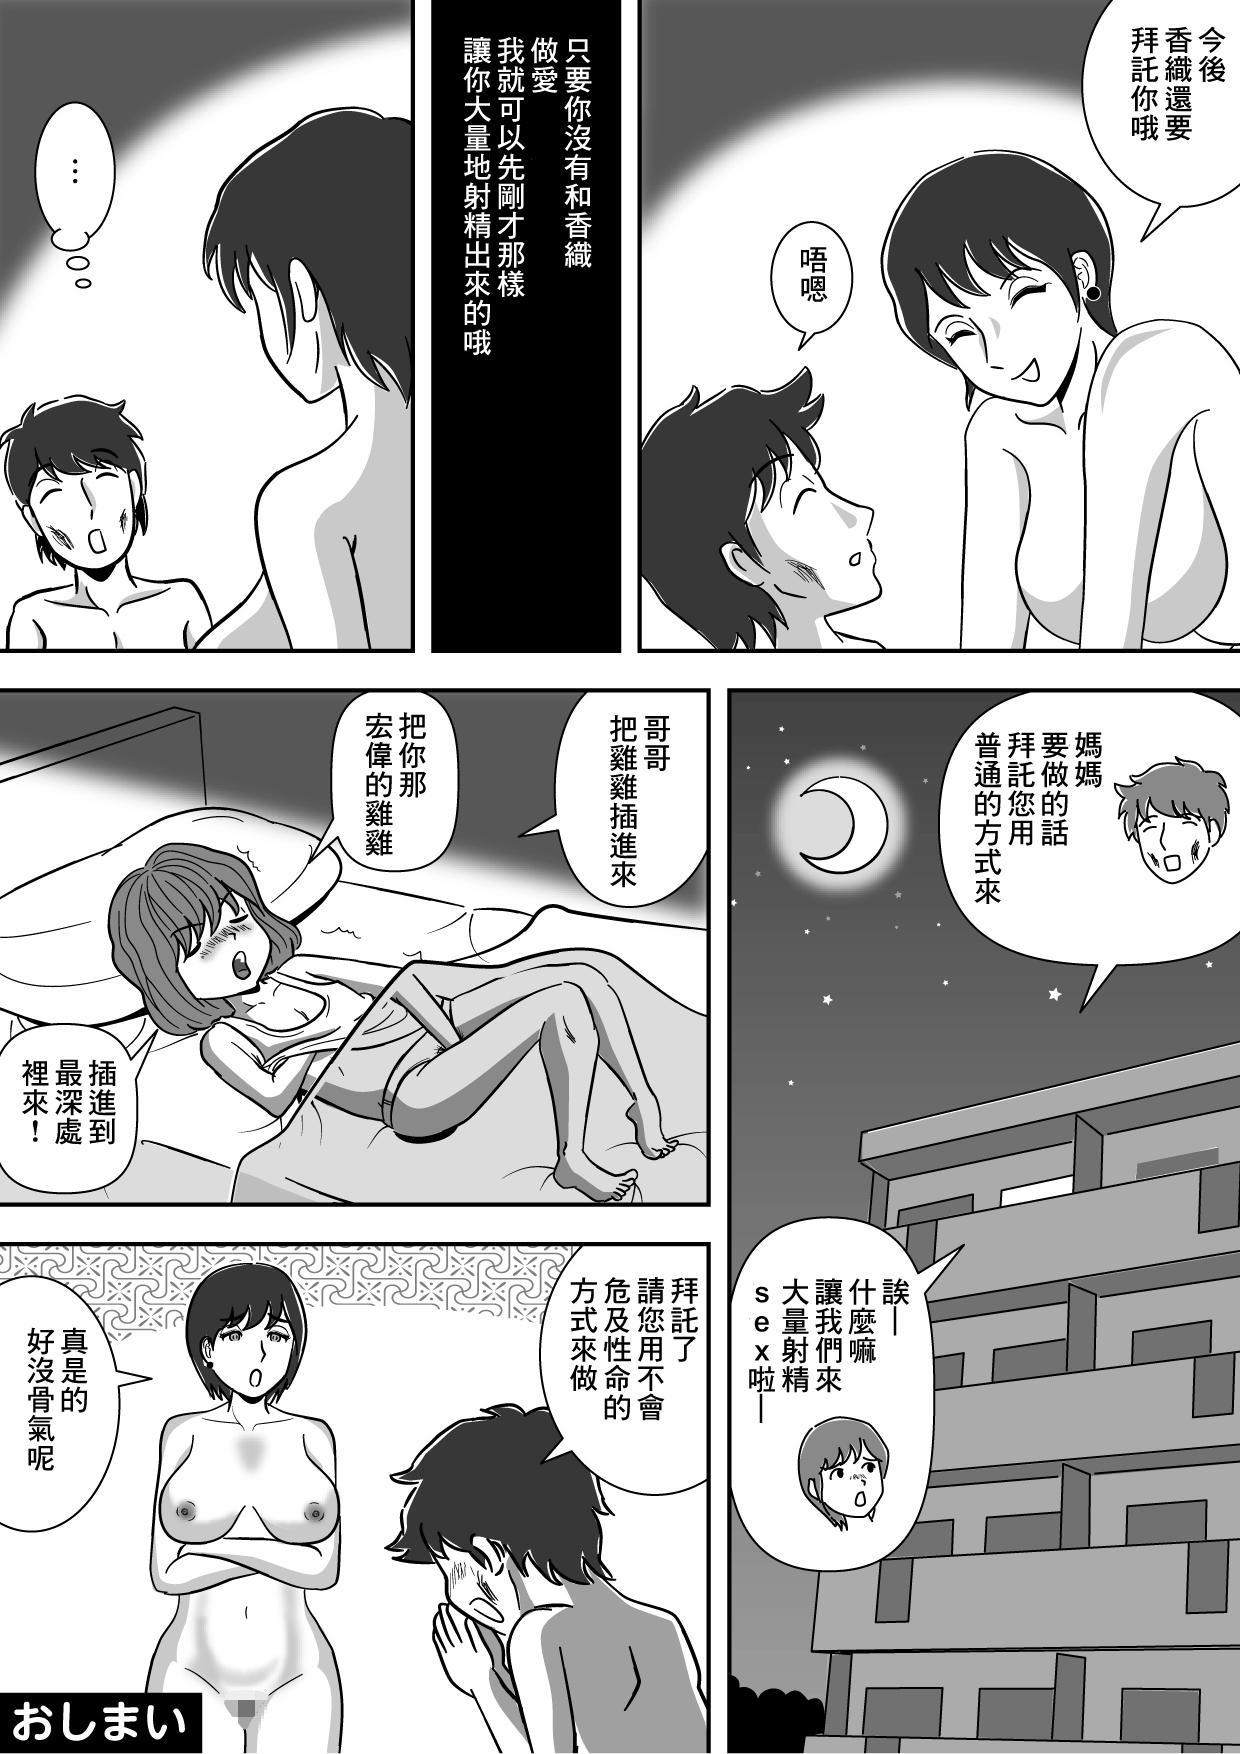 Imouto no Onanii o Tetsudau Ani Sore o Mimamoru Haha 34